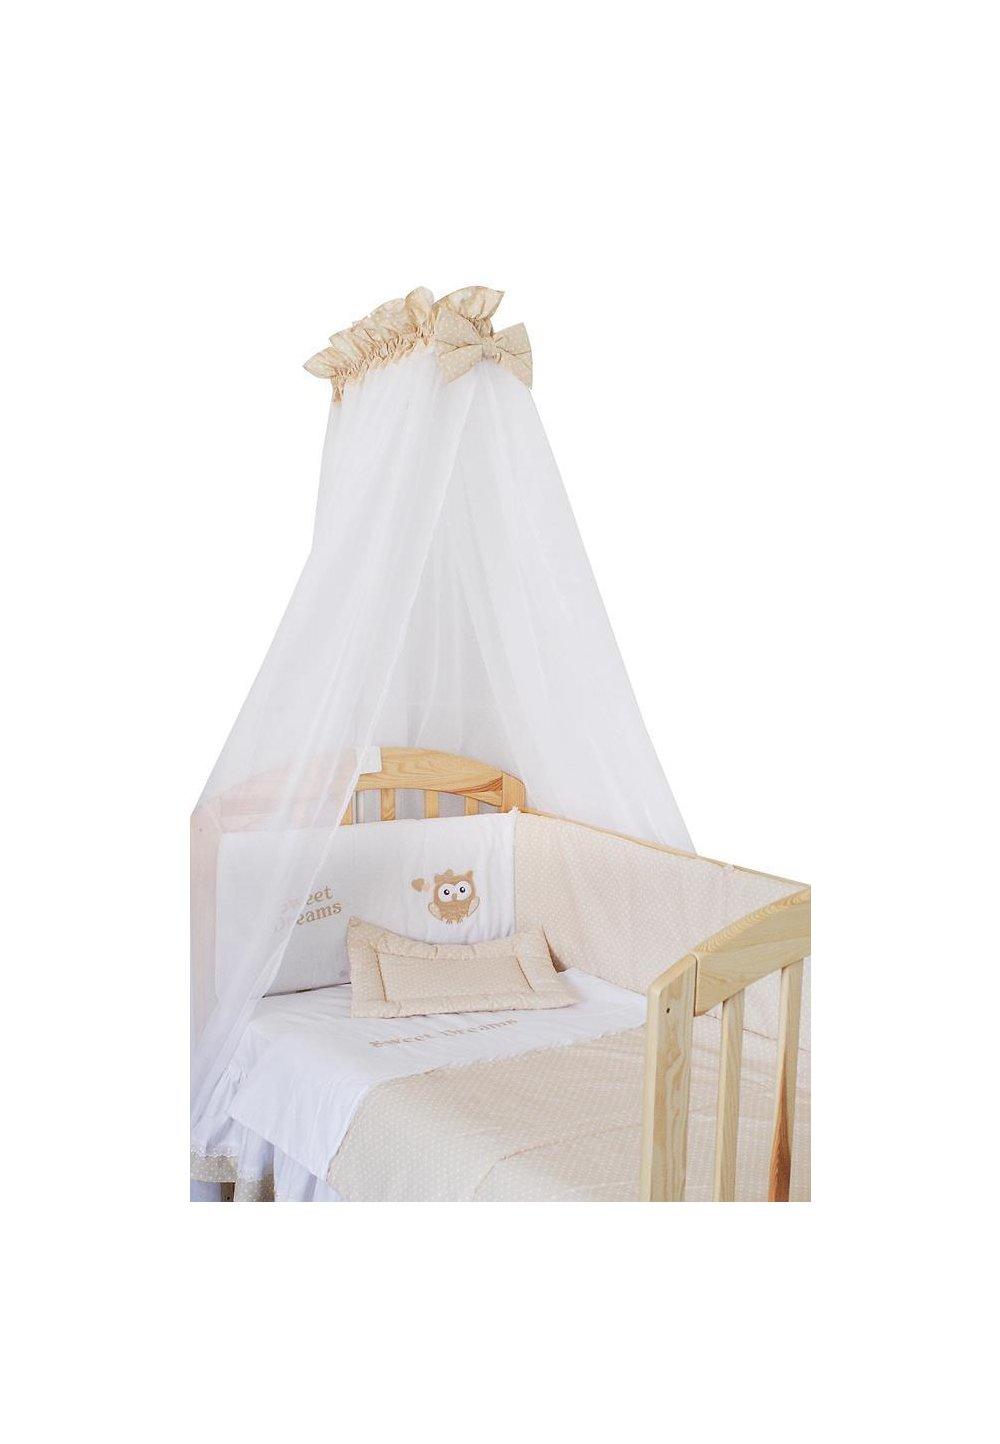 Baldachin patut, alb cu crem, 300 x 160 cm imagine